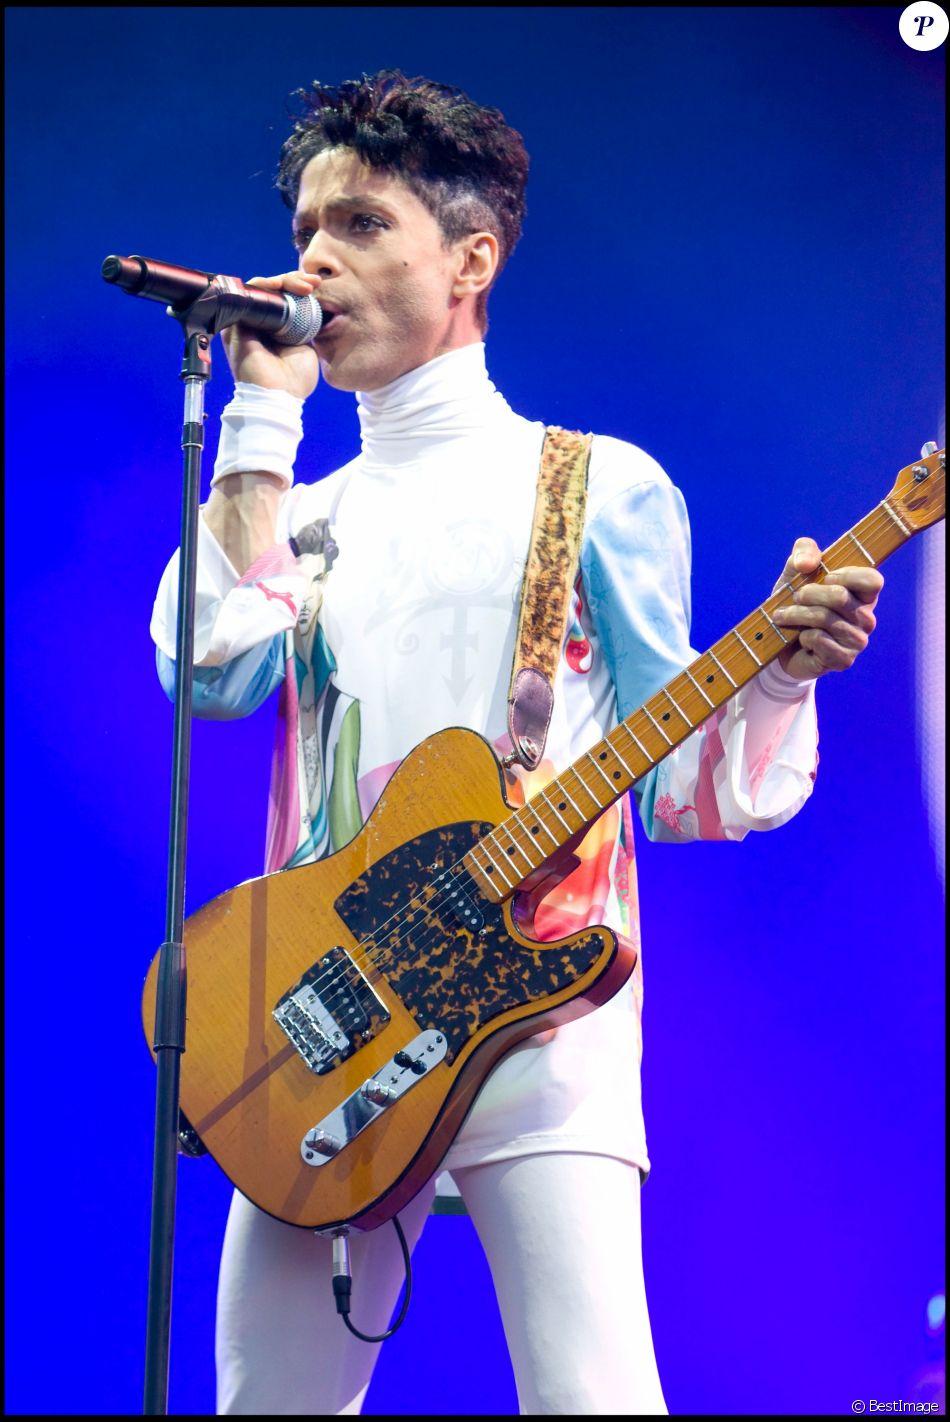 Concert de Prince à Arras pour le Main Square festival, le 9 juillet 2010.